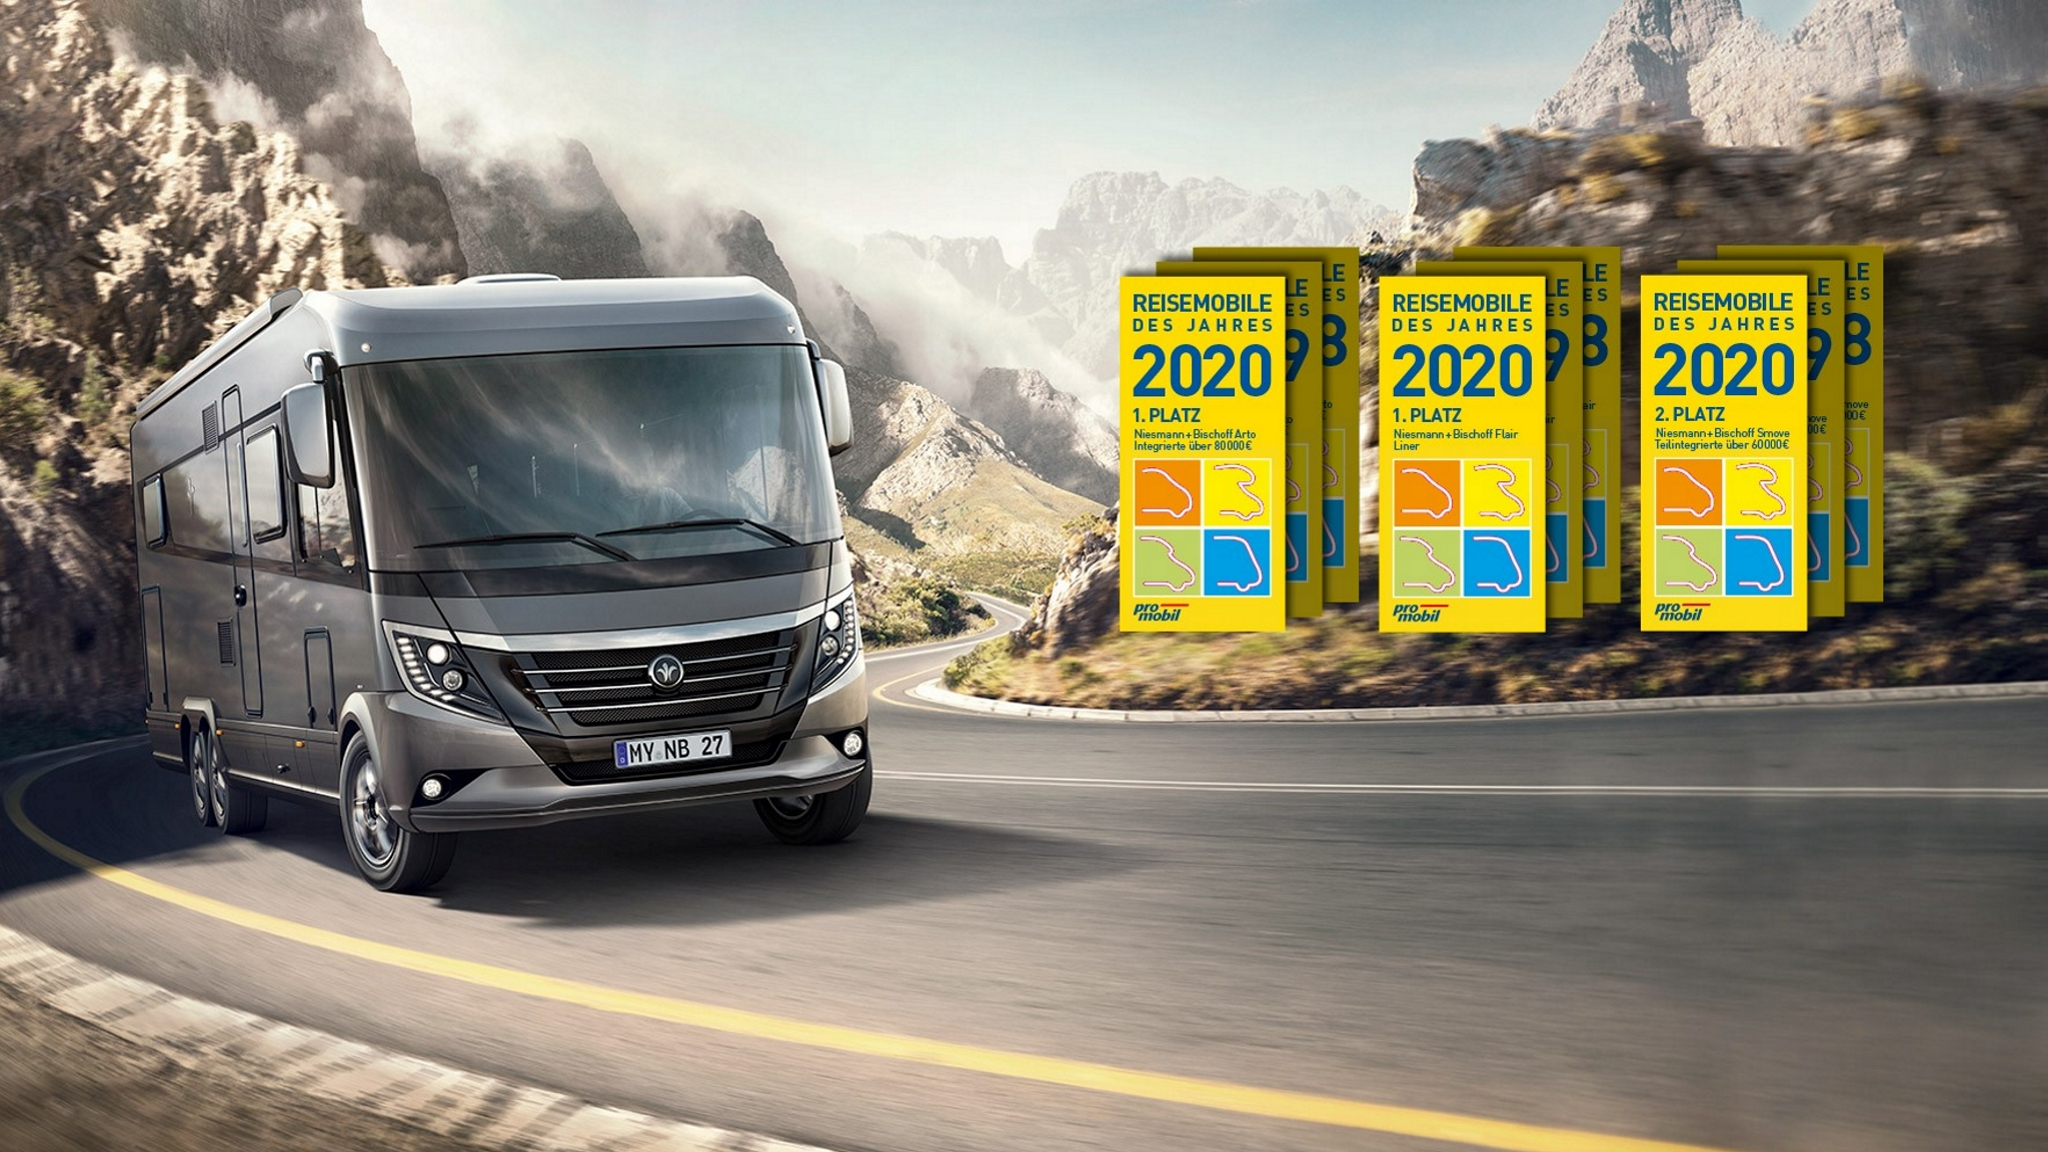 NIESMANN+BISCHOFF - Arto - Plattform - Reisemobil des Jahres 2020 - Flair, Arto und Smove